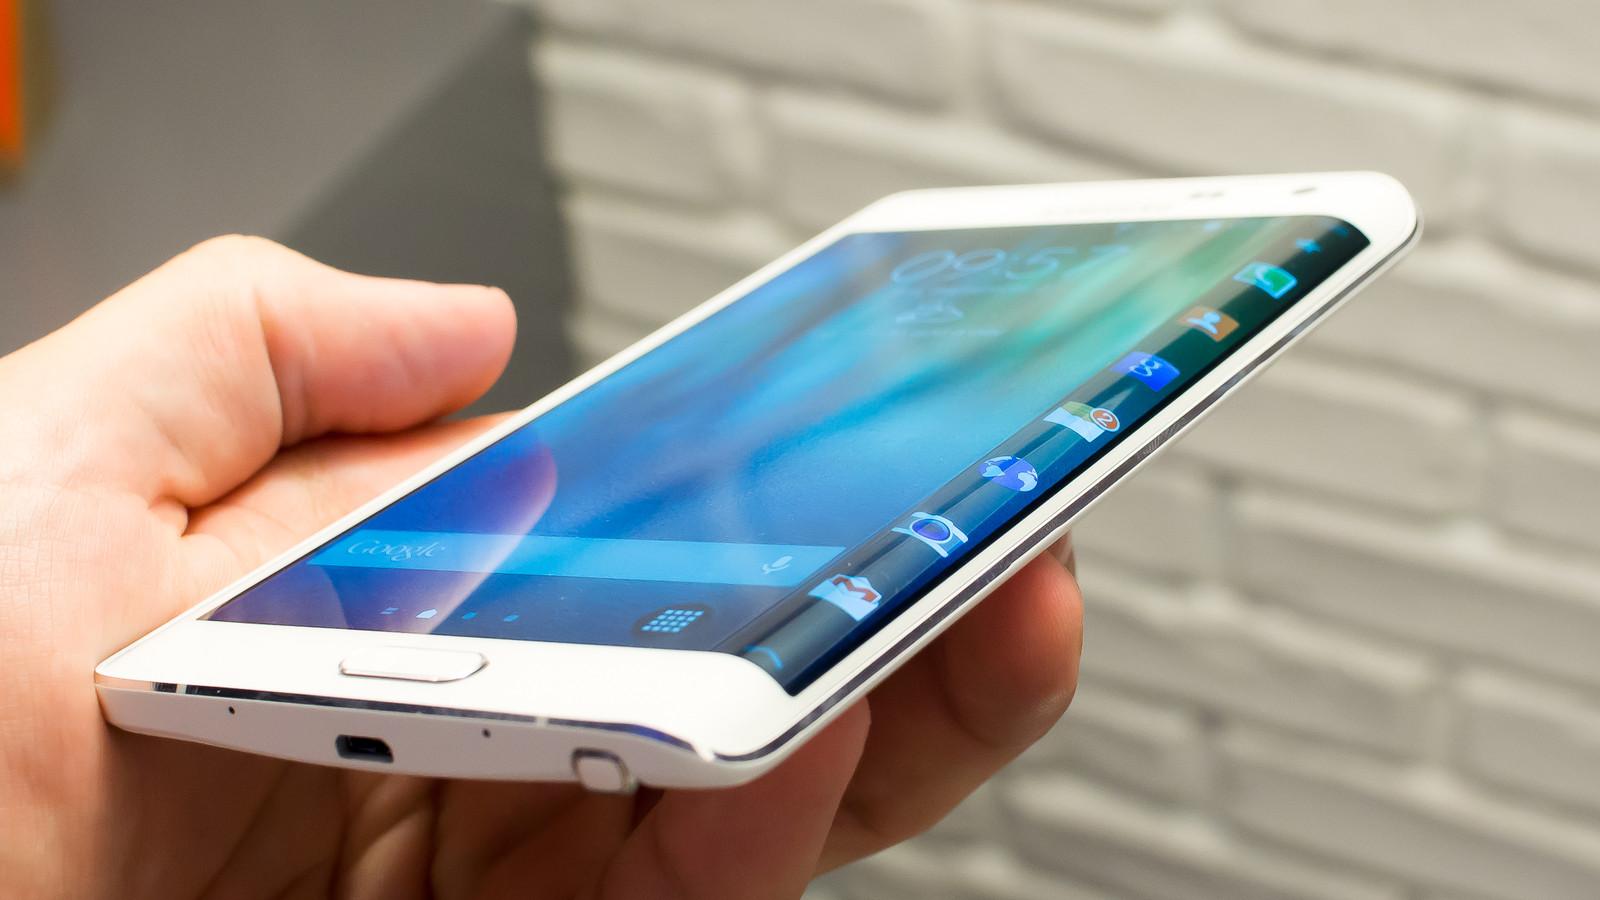 Cách mở Điện thoại Samsung Galaxy bị khóa màn hình